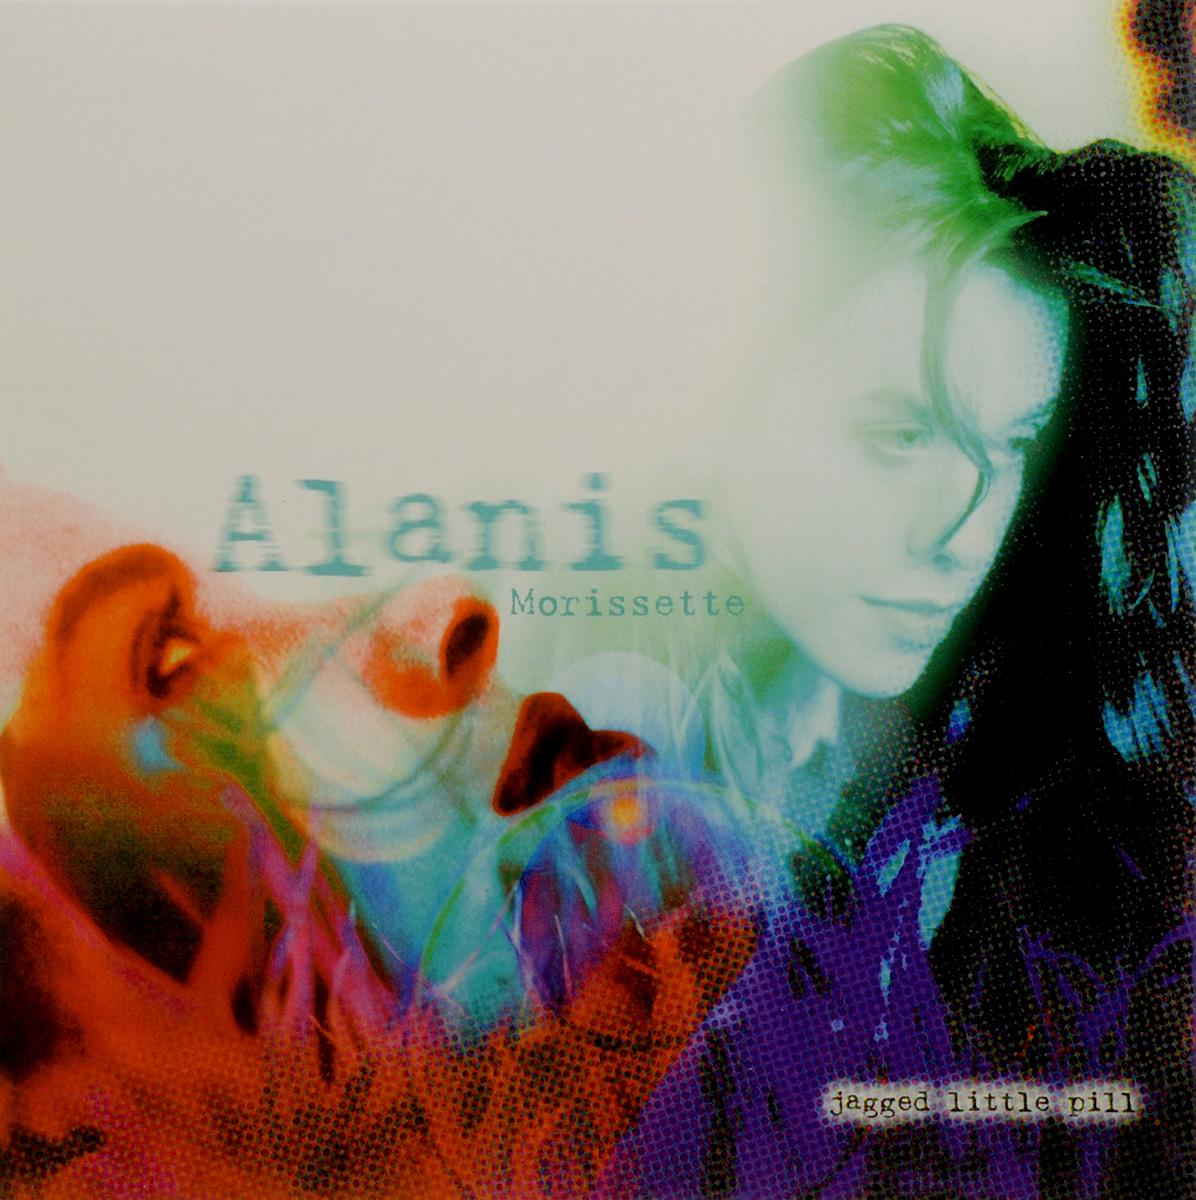 Аланис Мориссетт Alanis Morissette. Jagged Little Pill (LP) аланис мориссетт alanis morissette mtv unplugged lp